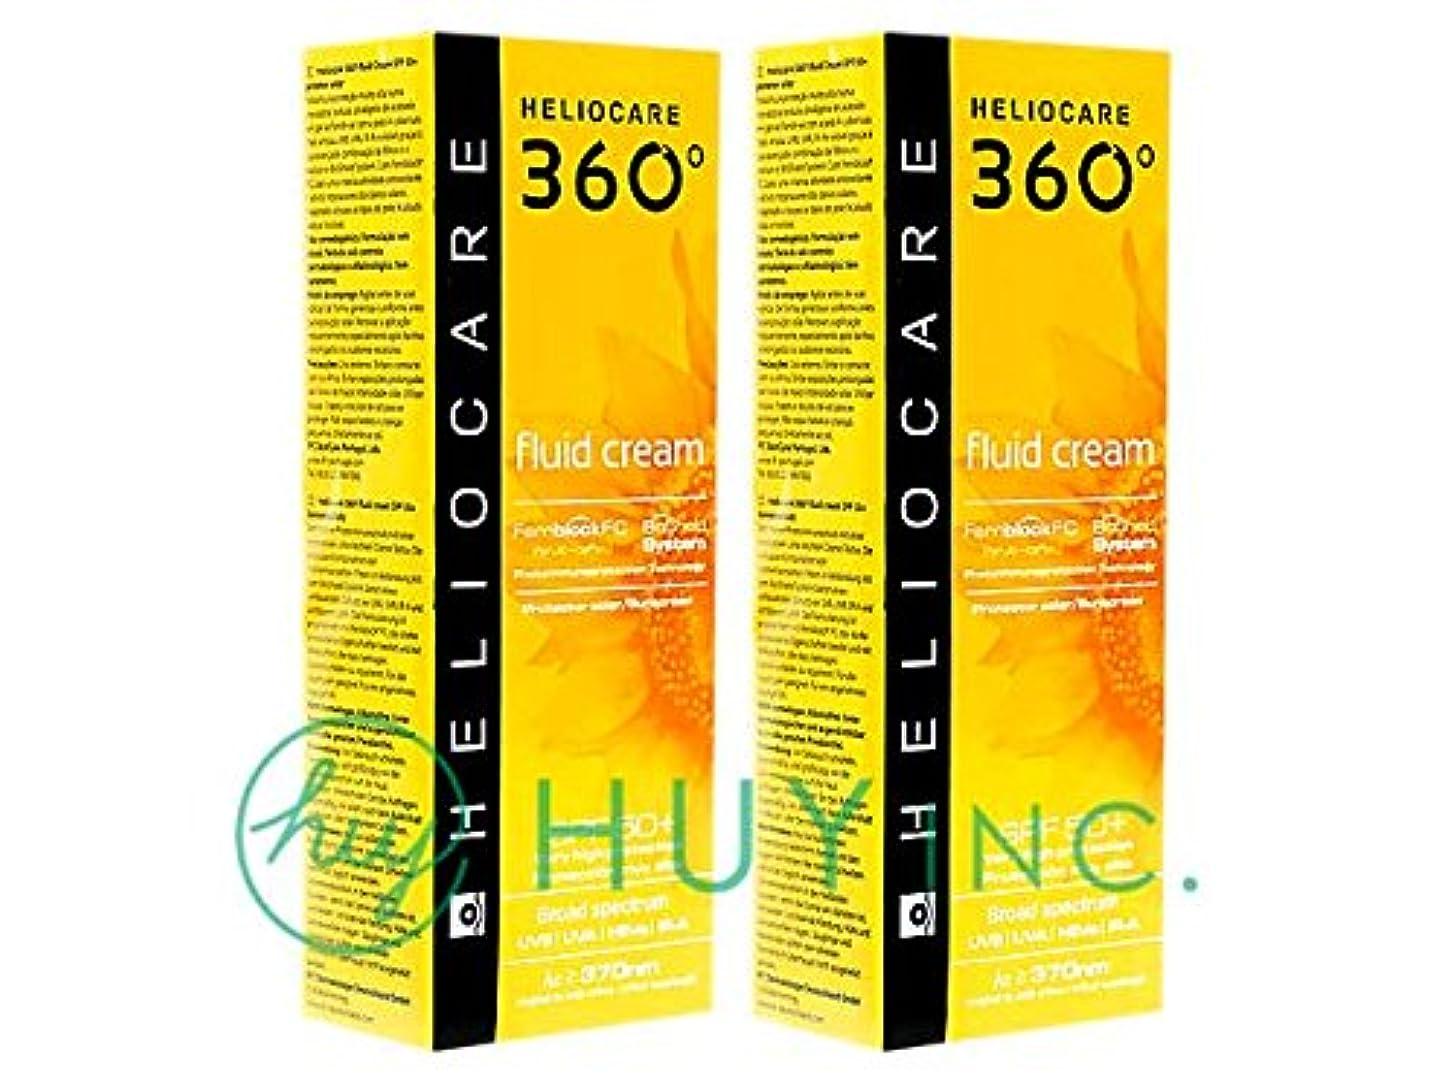 シェル唇インフラヘリオケア 360°フルイドクリーム(Heliocare360FluidCream)SPF50+ 2ボトル(50ml×2) [並行輸入品]